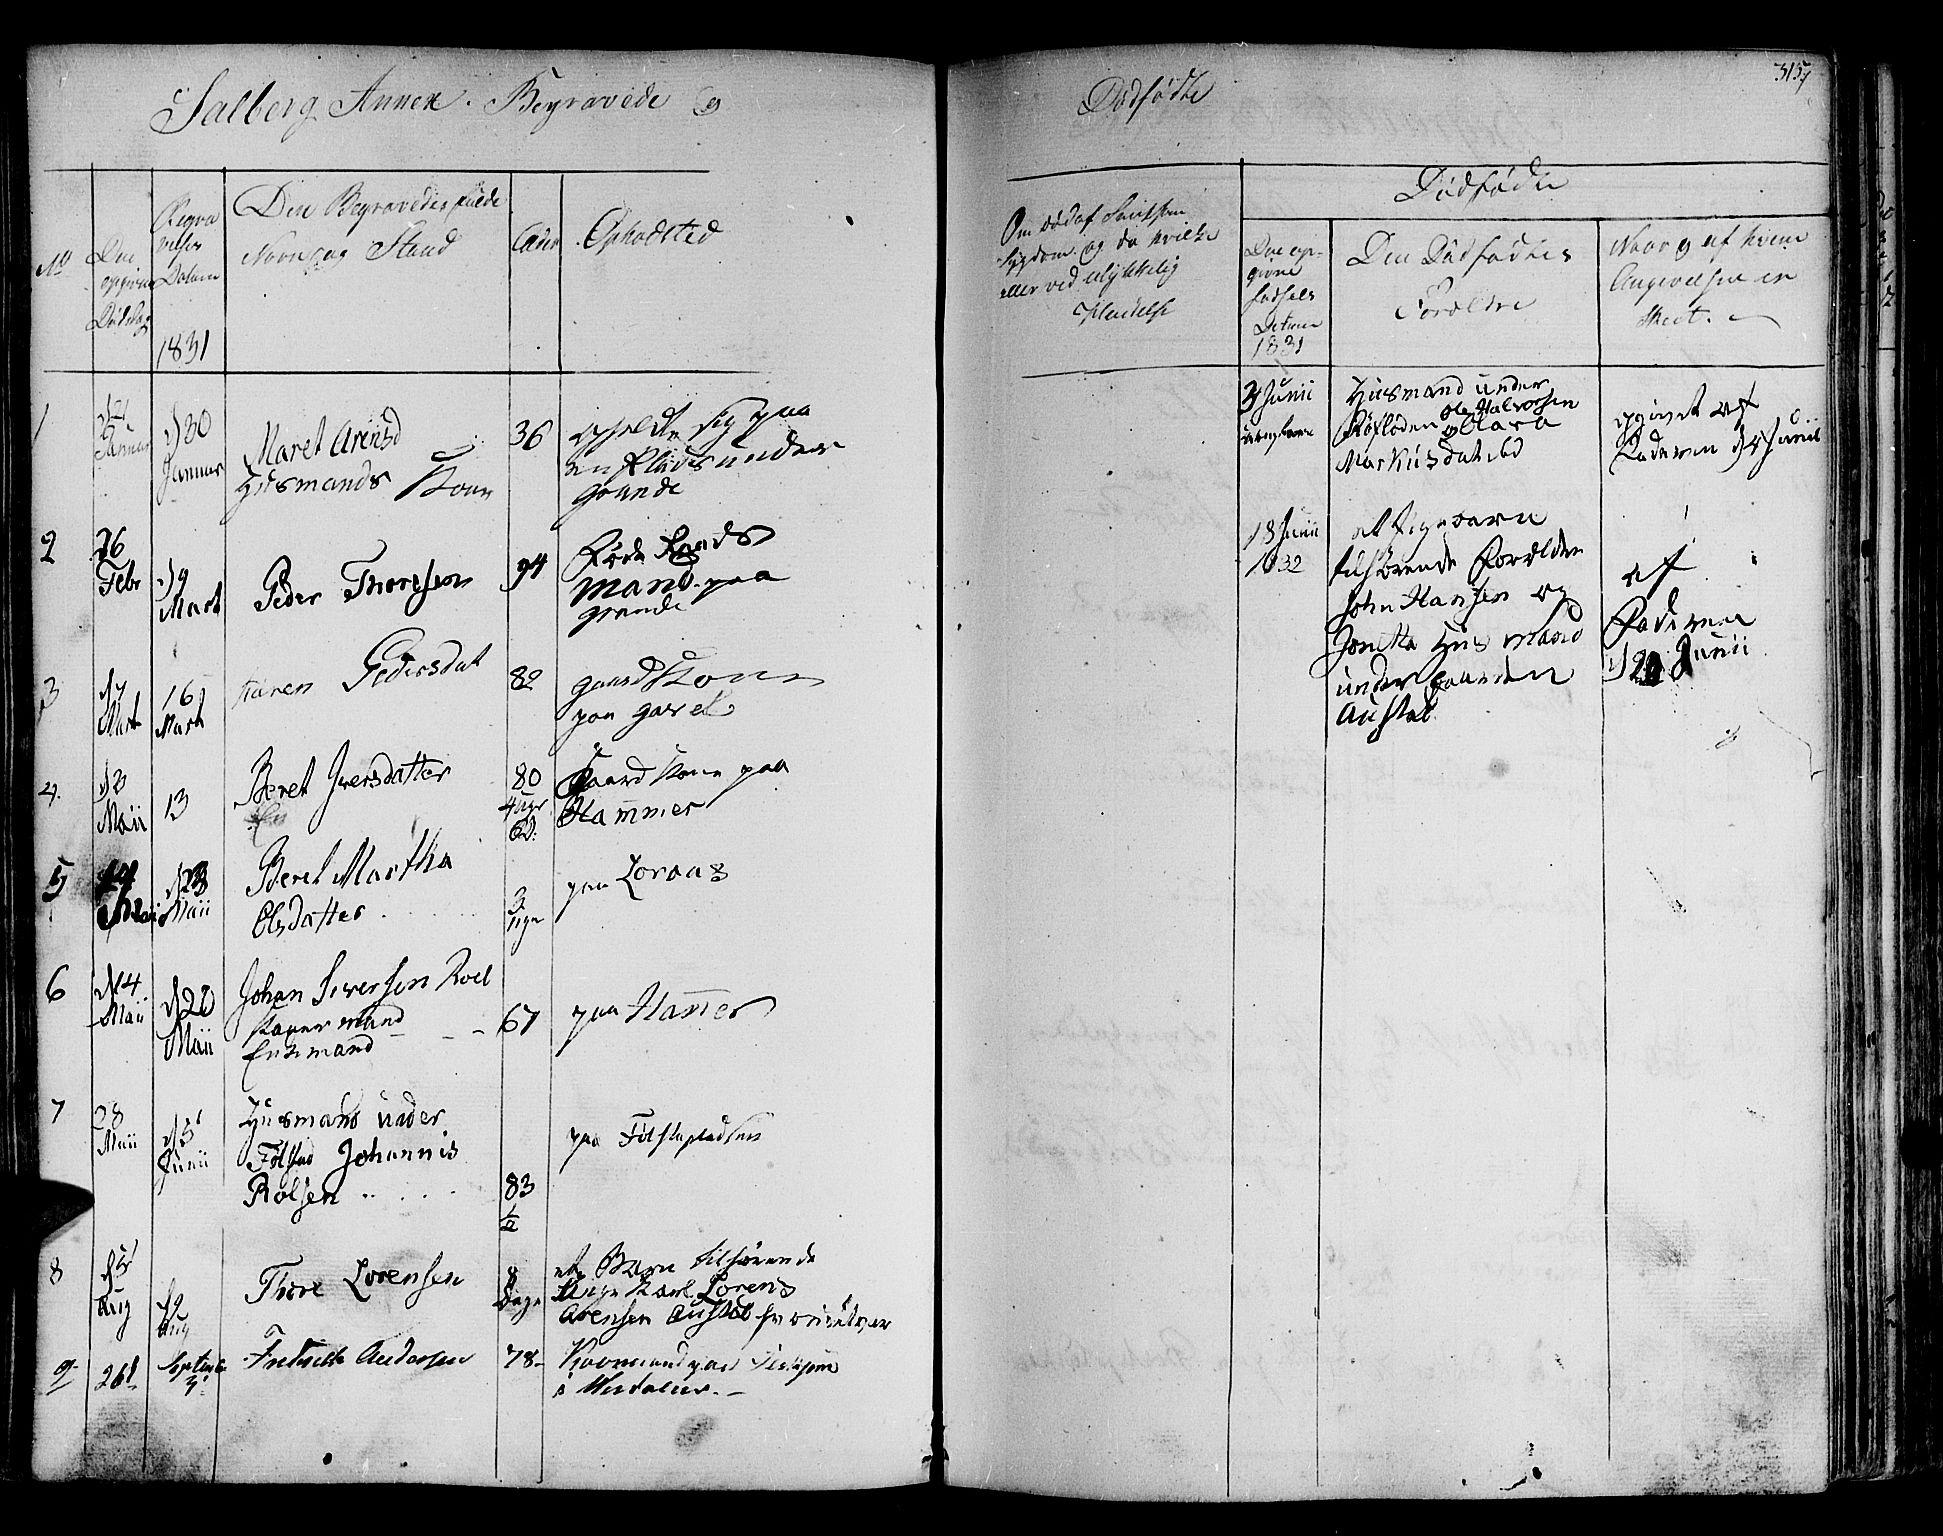 SAT, Ministerialprotokoller, klokkerbøker og fødselsregistre - Nord-Trøndelag, 730/L0277: Ministerialbok nr. 730A06 /2, 1831-1839, s. 315